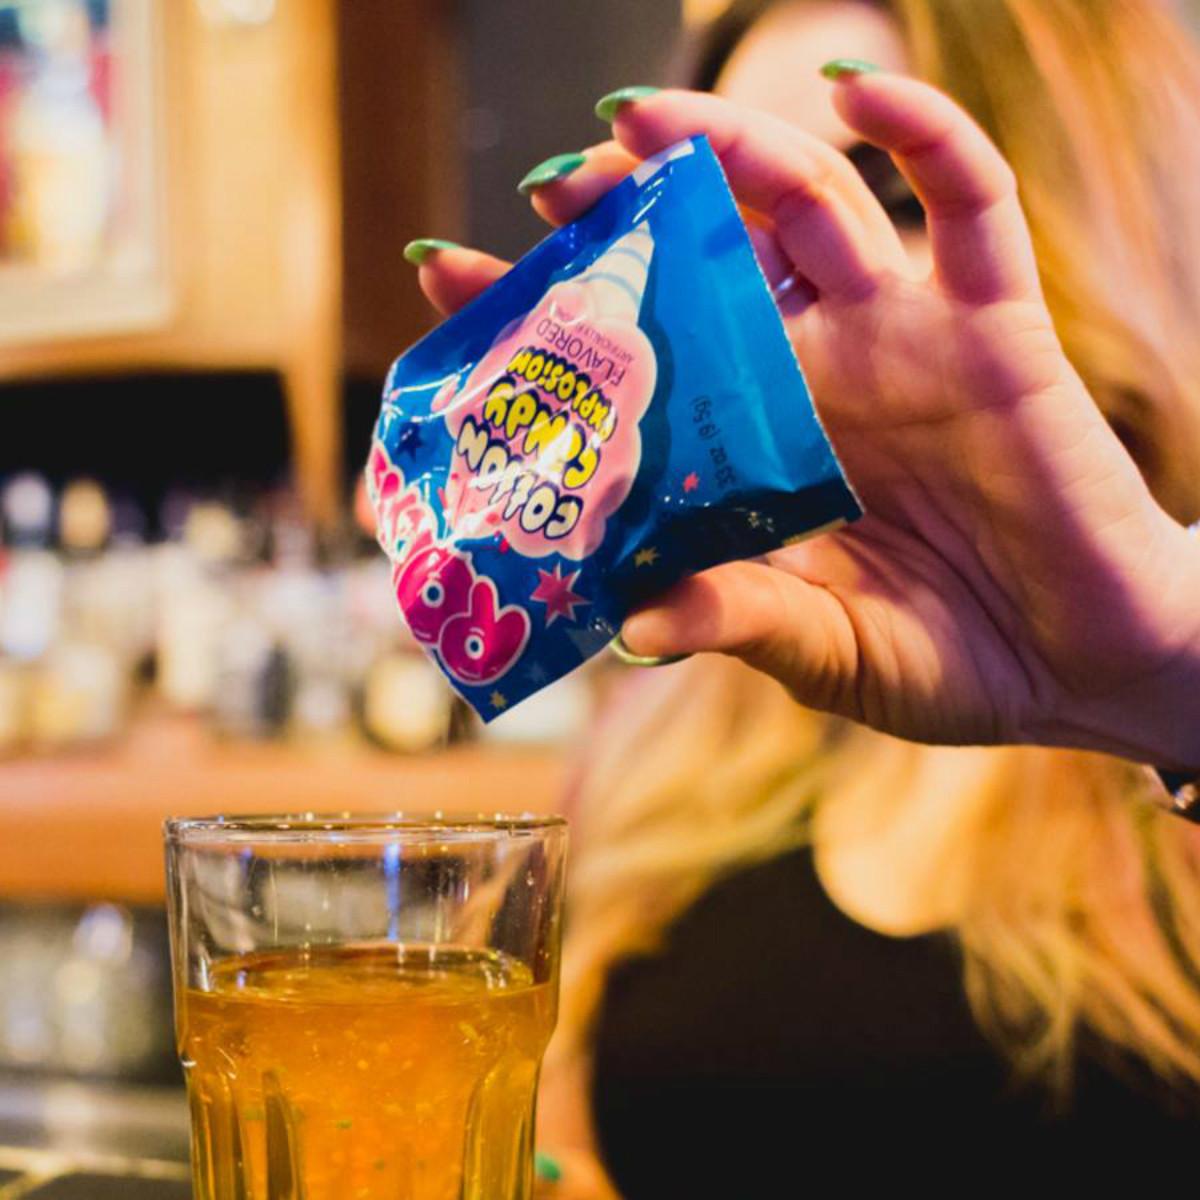 Bang Bang Bar SA poprocks